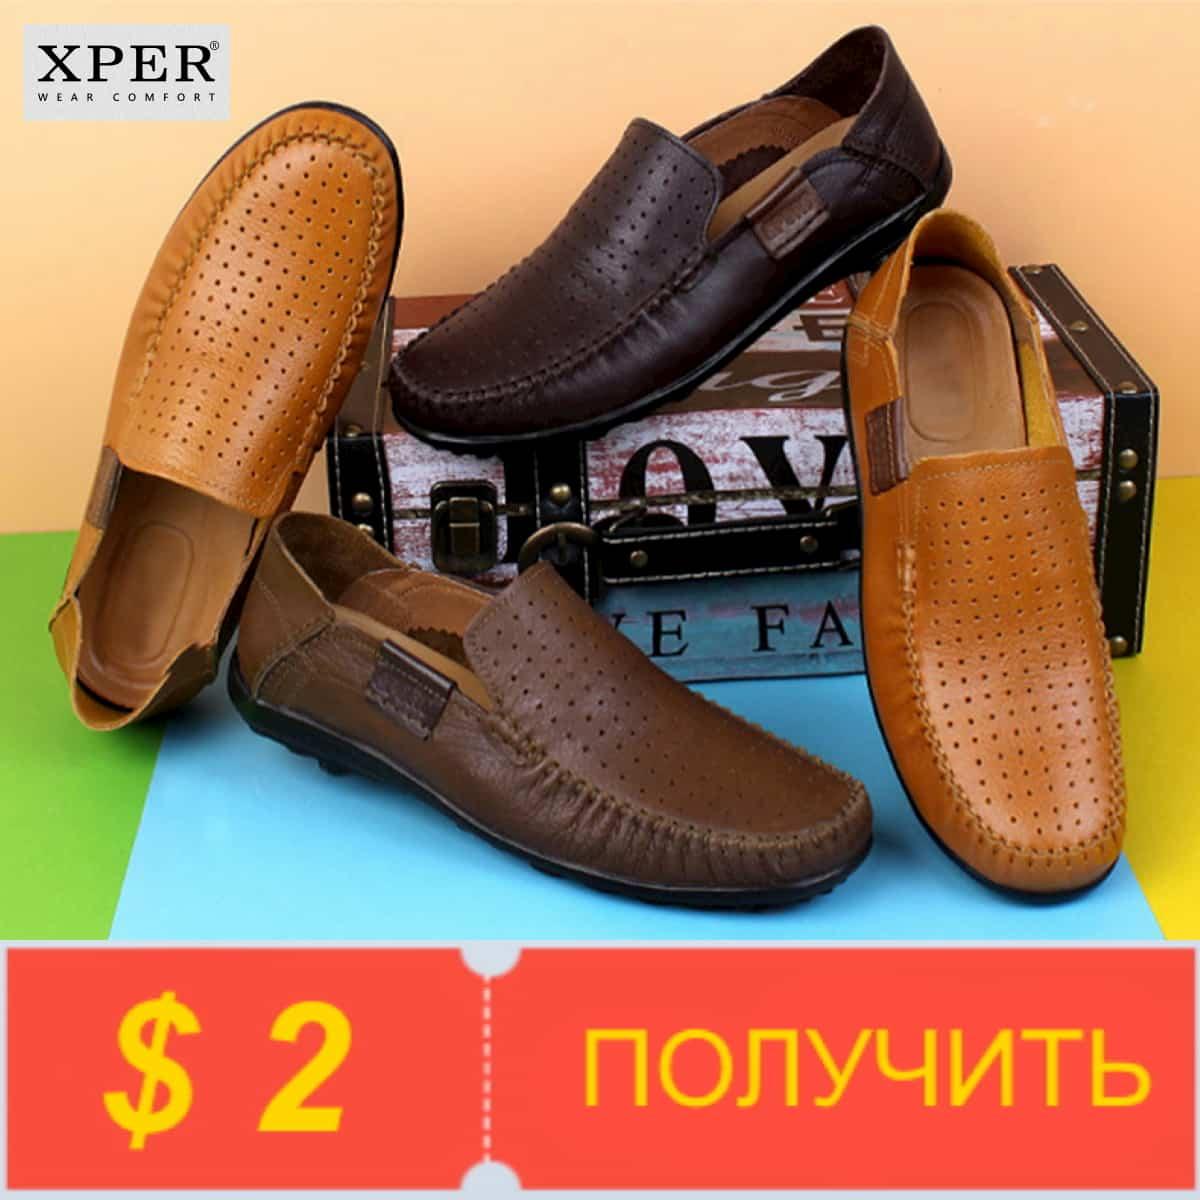 Получите купоны на мужскую обувь Xper от ALI Footwear Store на Алиэкспресс